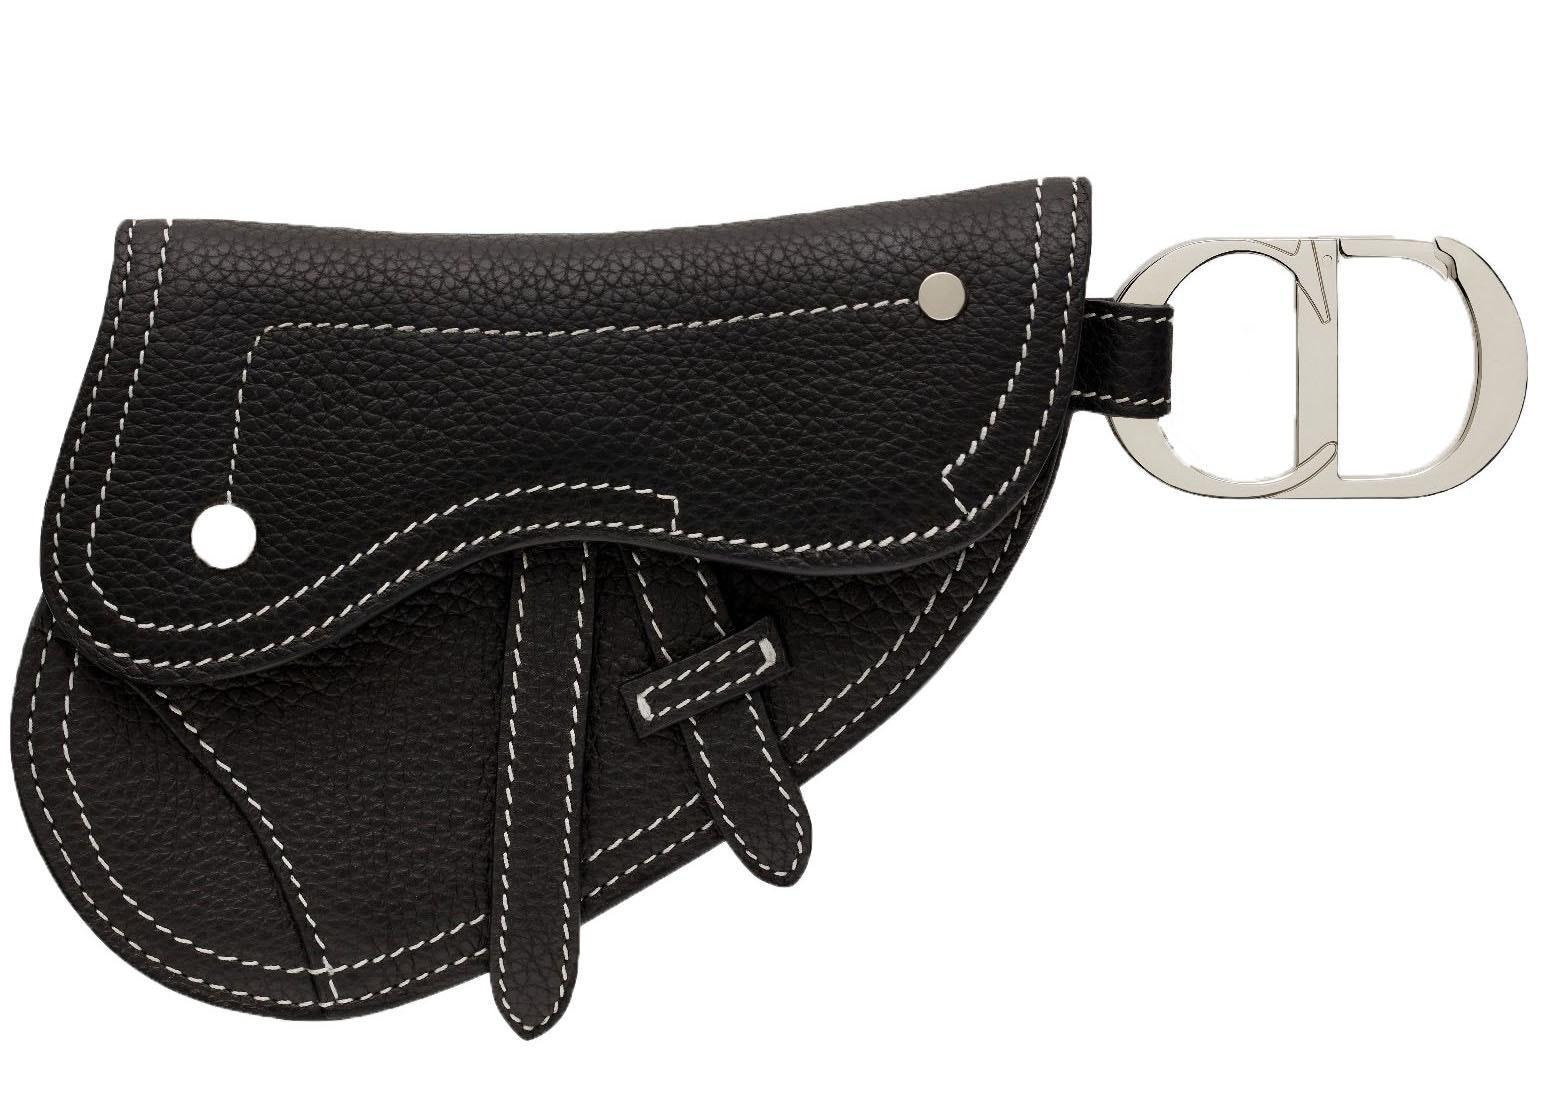 Dior Saddle Key Ring Black